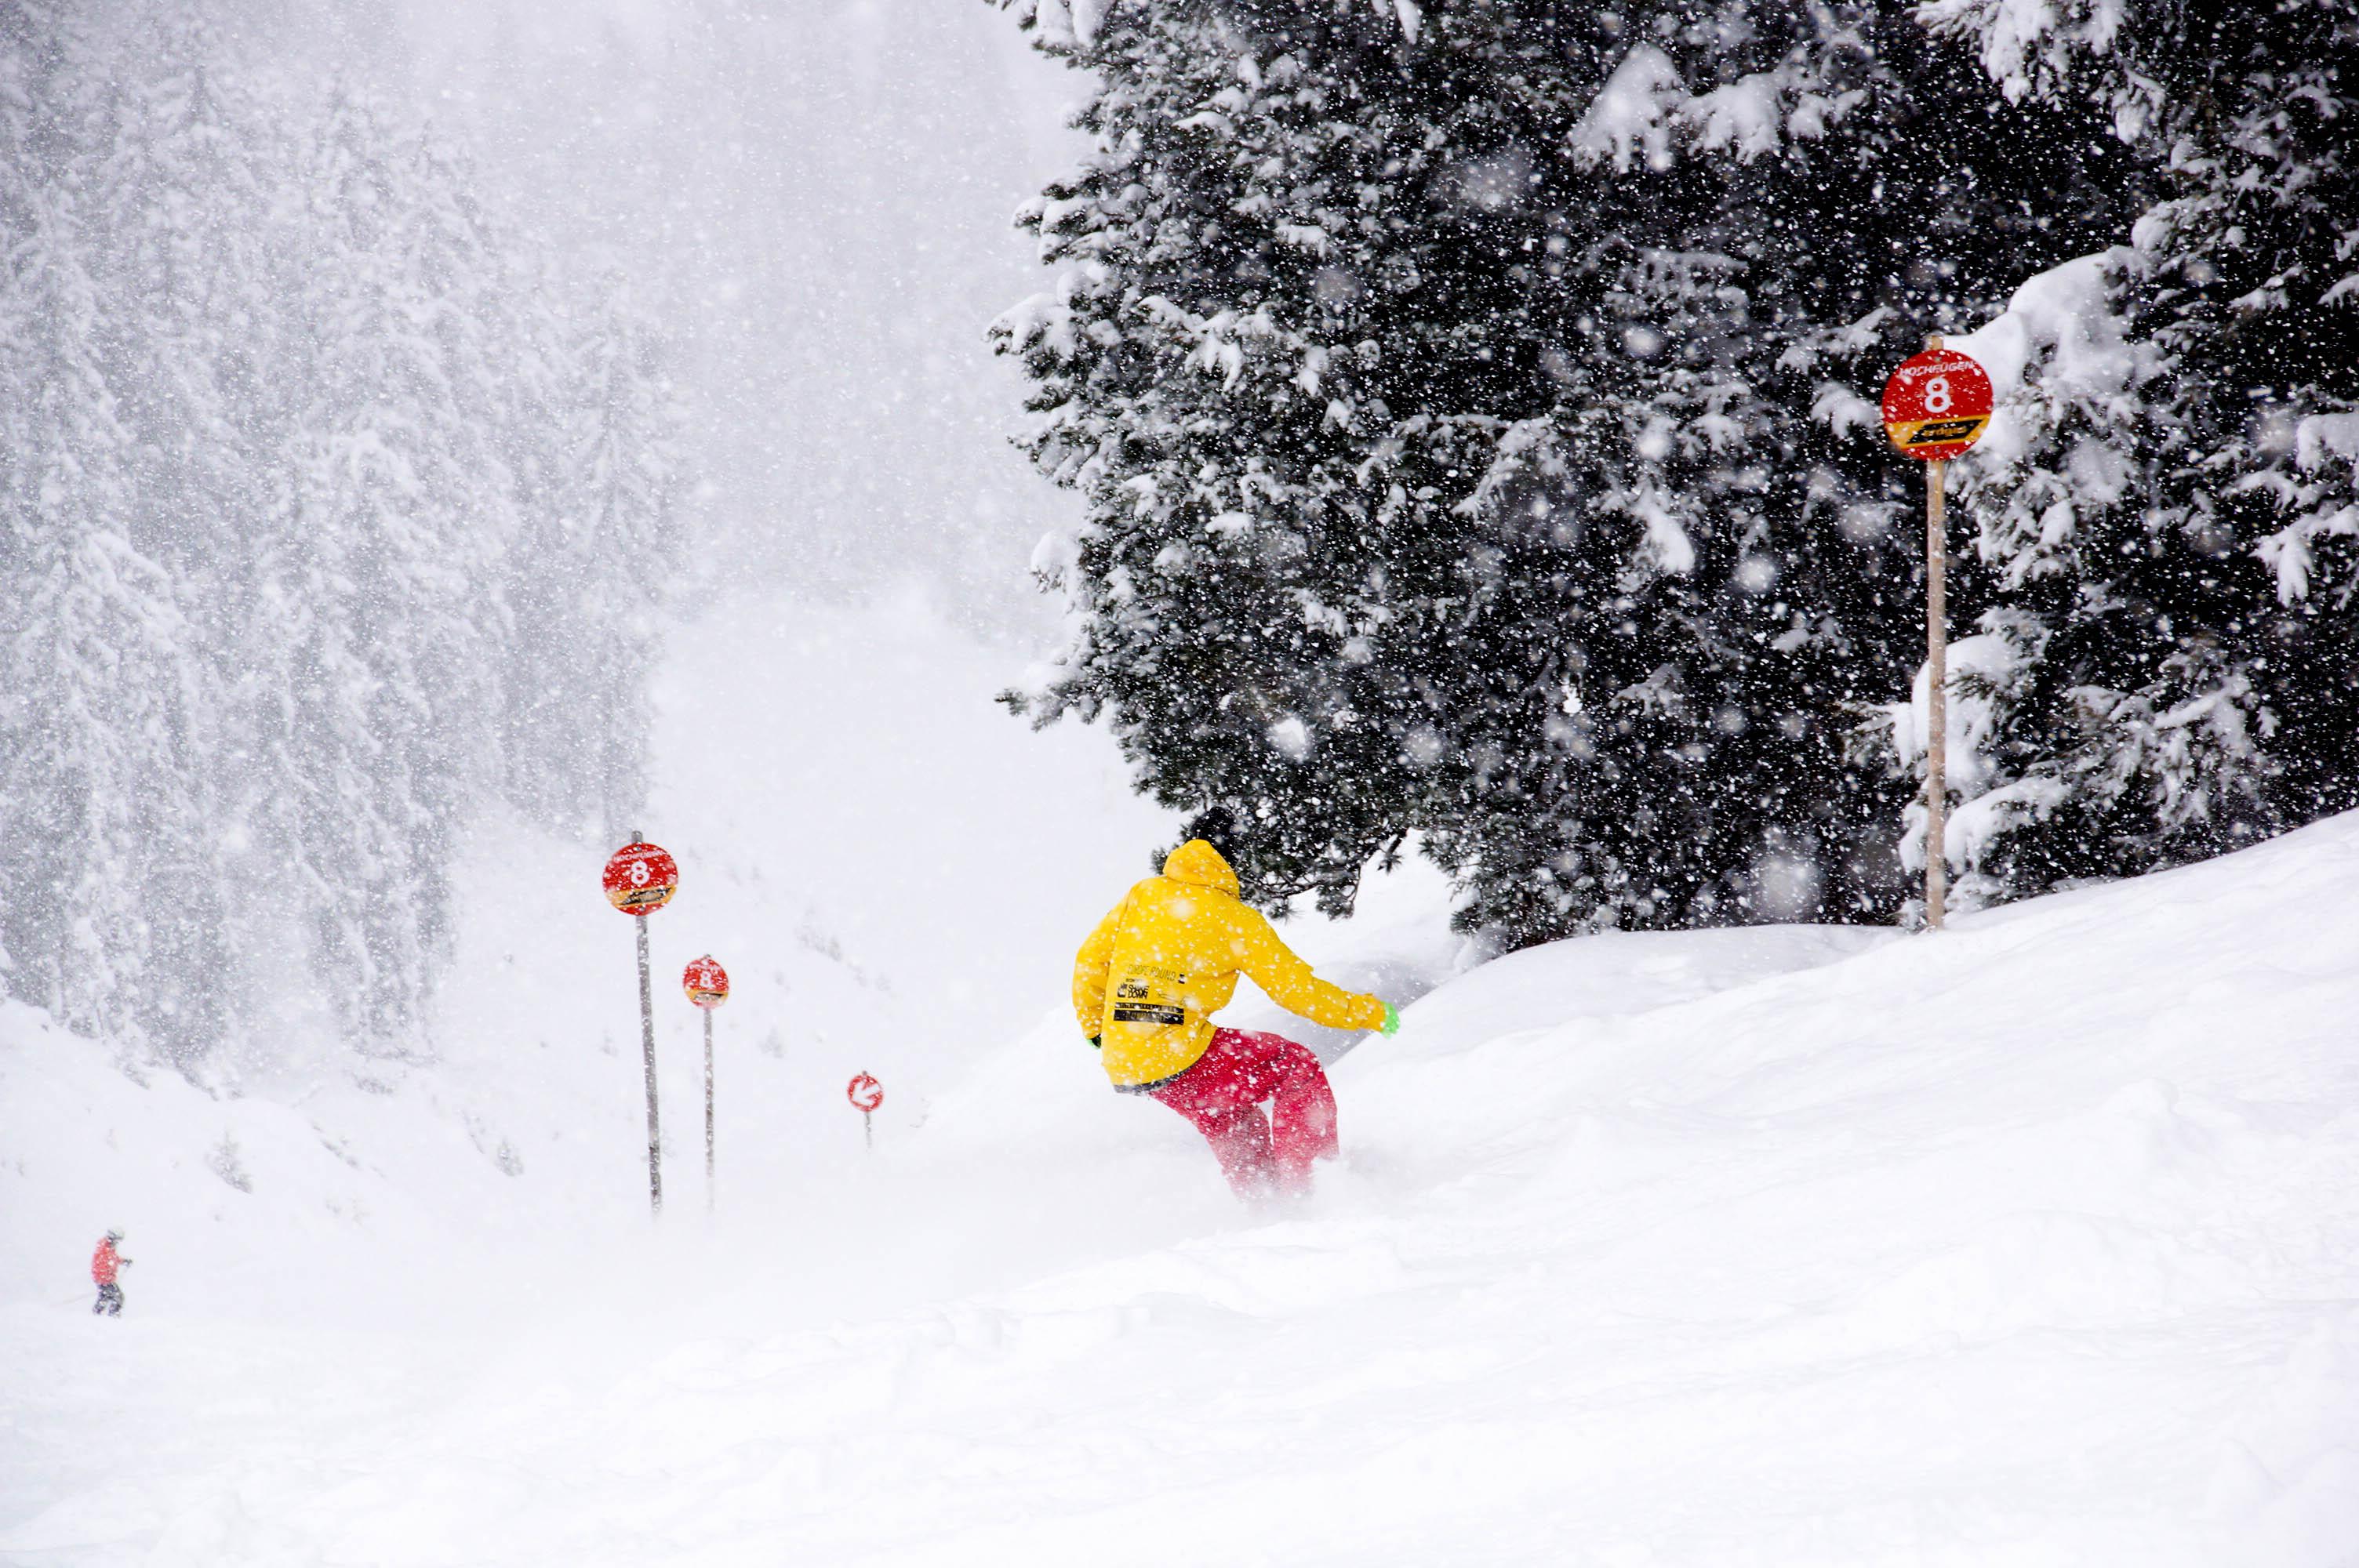 skigebiet-hochfuegen_neuschnee-snowboarden